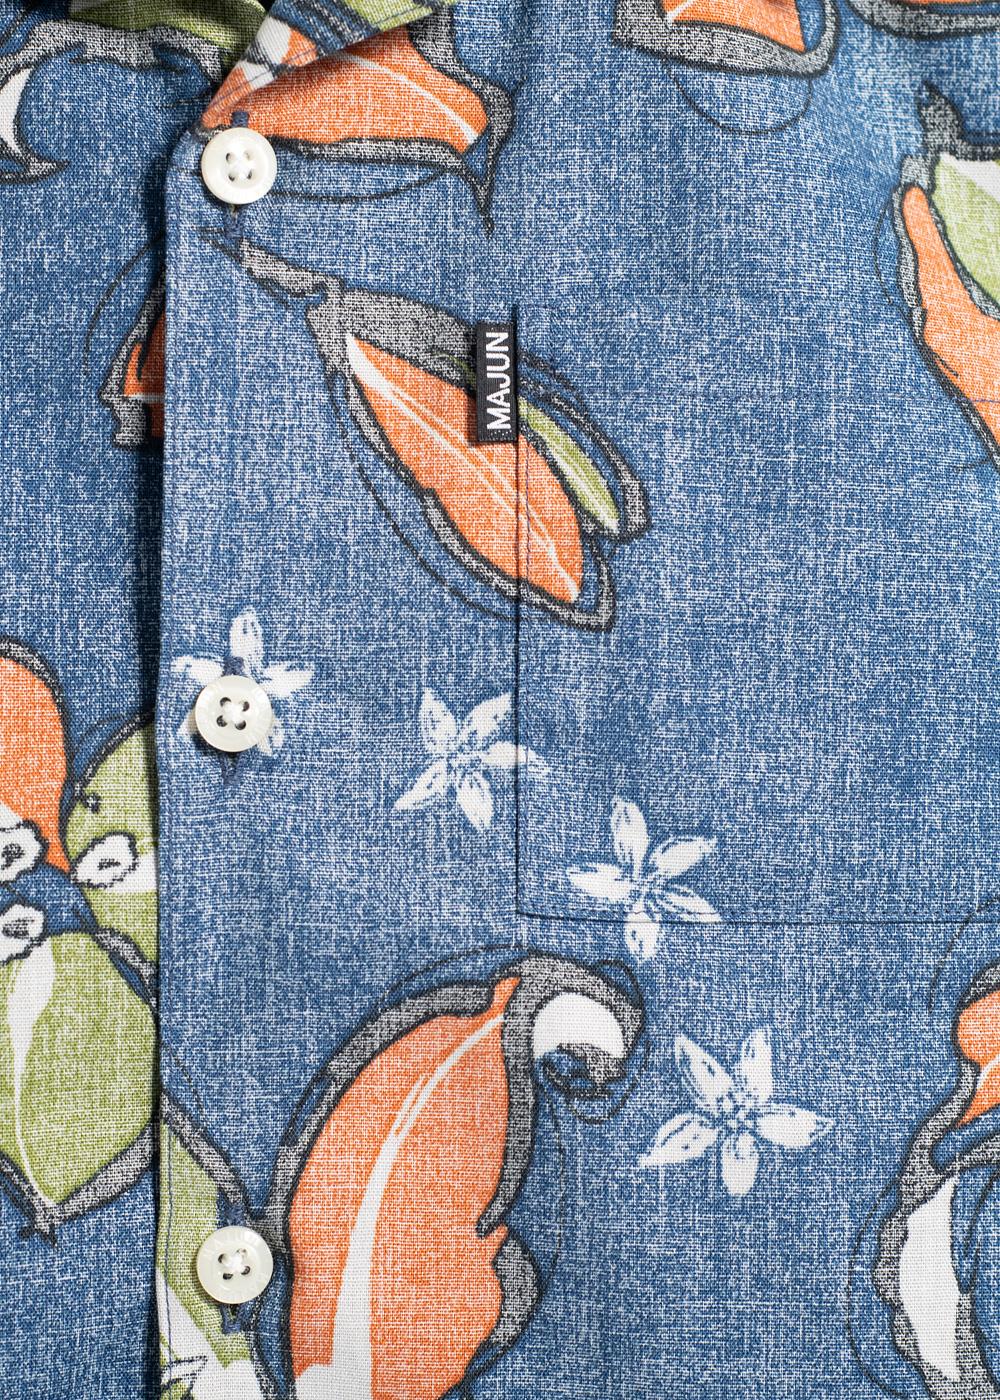 かりゆしウェア(沖縄版アロハシャツ) MAJUN - ペイントフラワー(キッズシャツ)